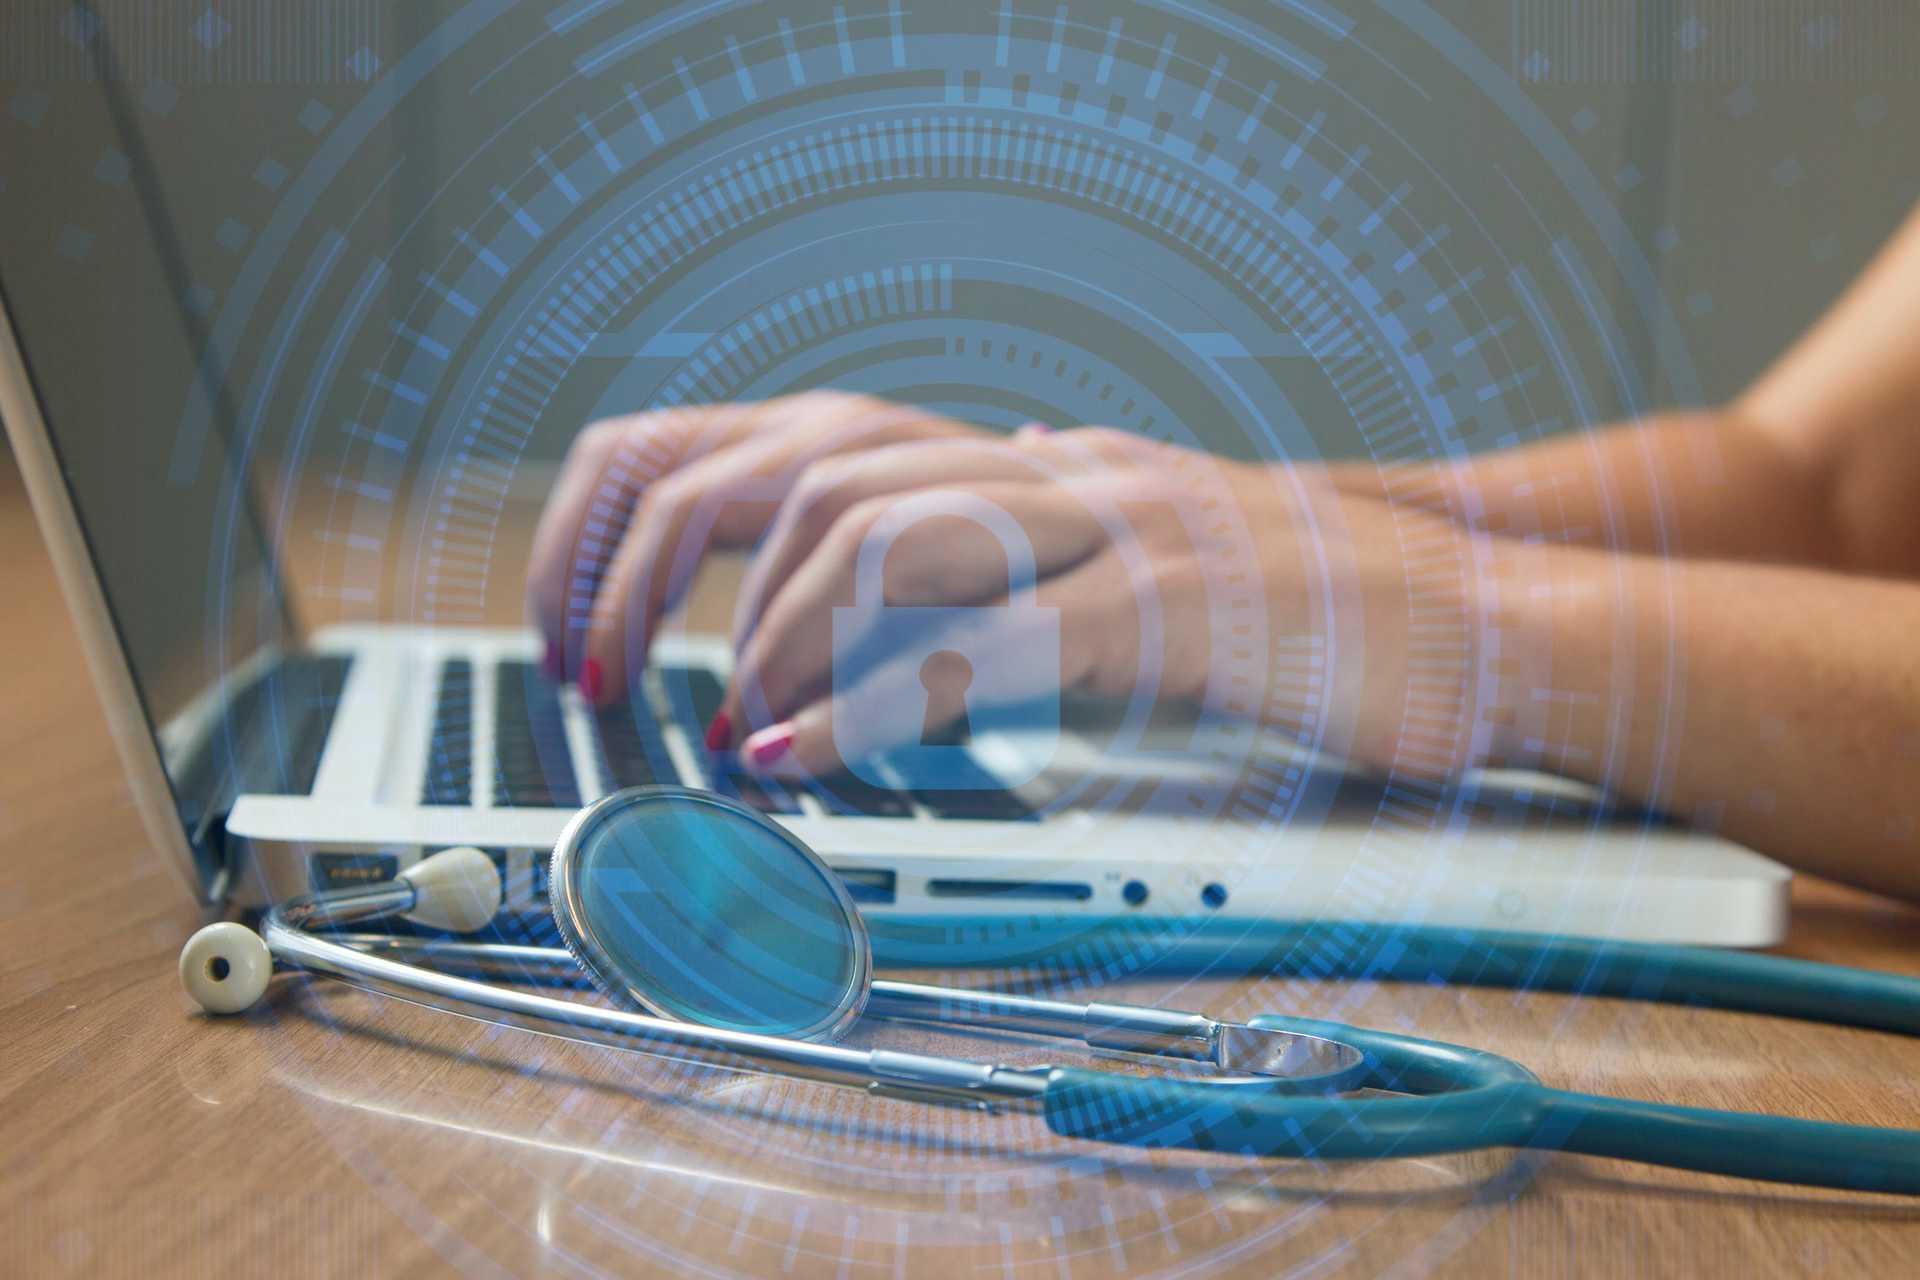 Protección de datos en clínica de fisioterapiaProtección de datos en clínica de fisioterapiaProtección de datos en clínica de fisioterapia